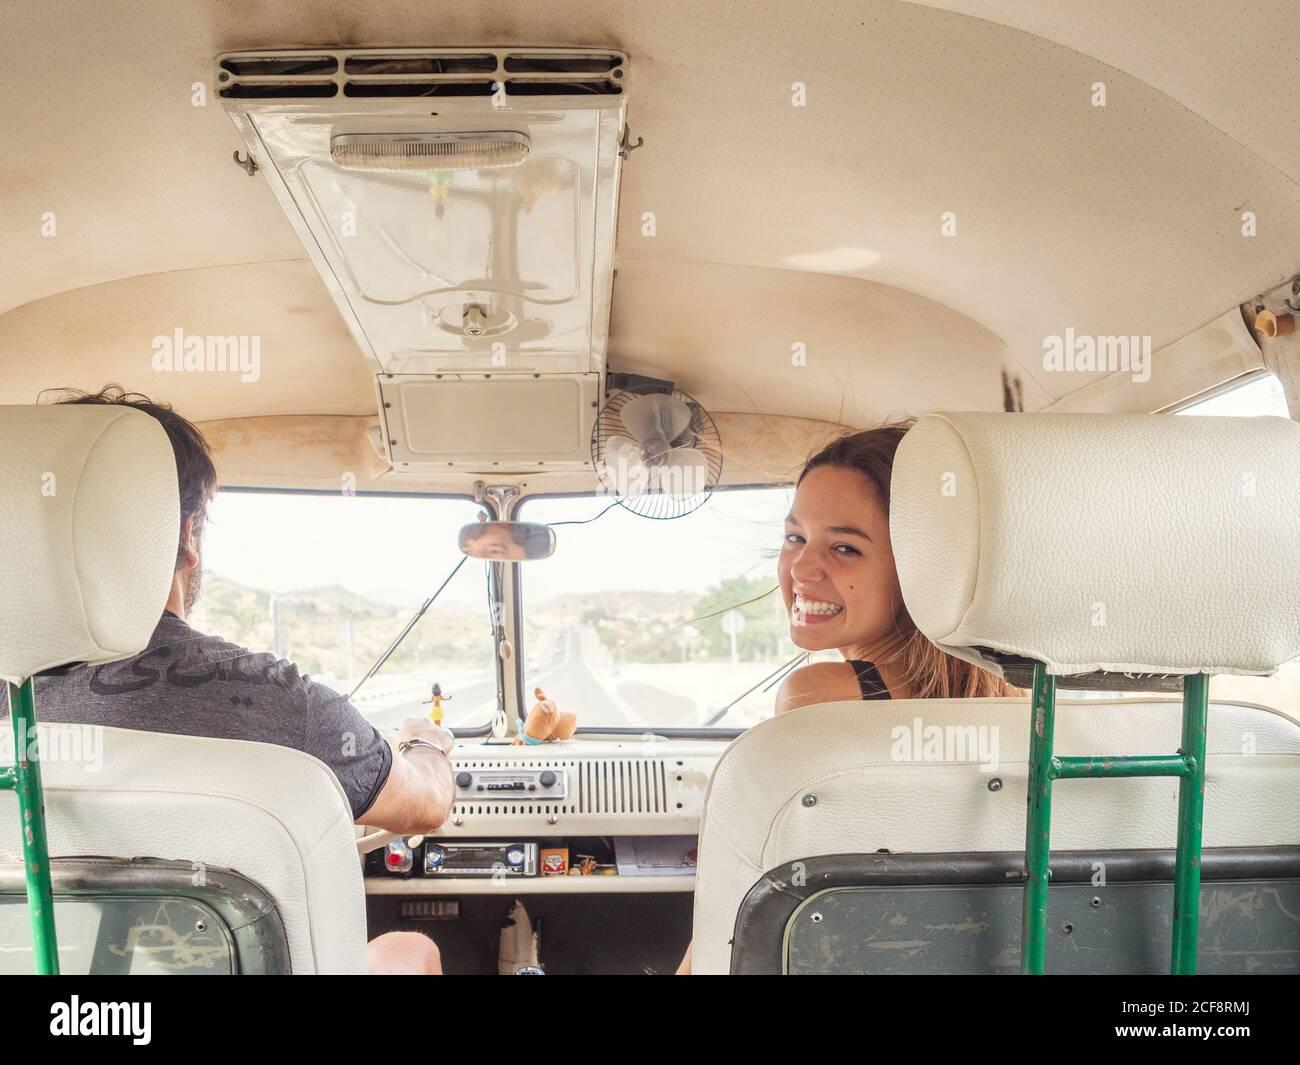 Vista posterior de hombre irreconocible conductor y joven mujer sonriente sentado frente al coche mirando la cámara Foto de stock